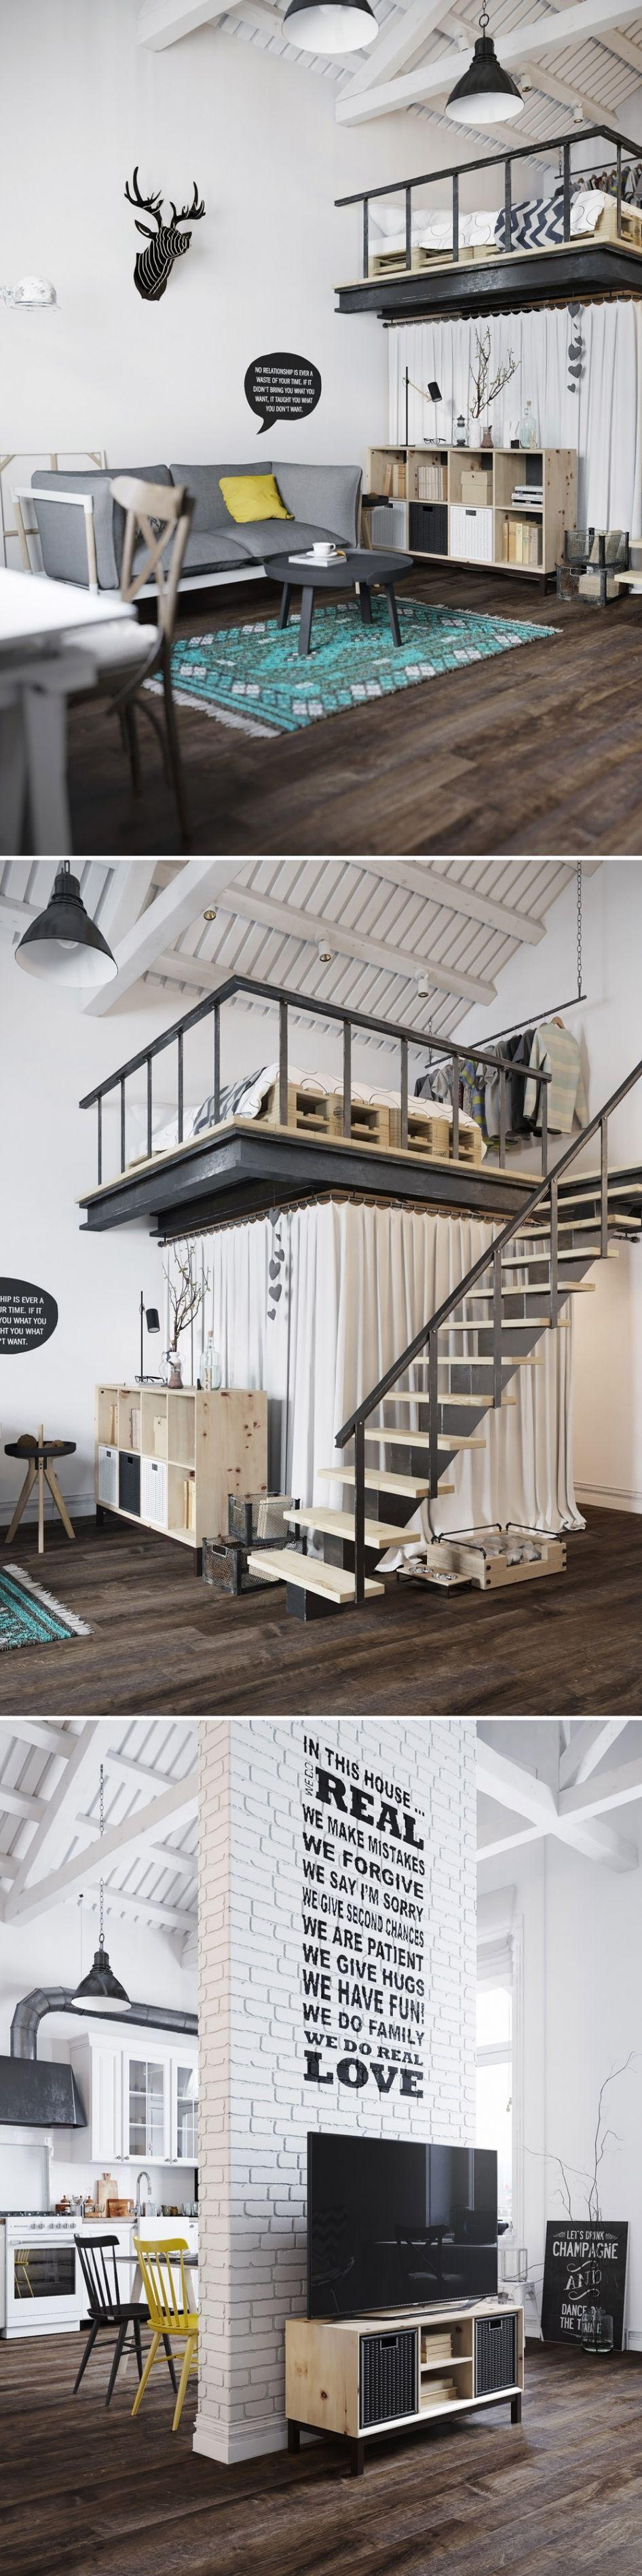 Küchendesign hong kong scandinavian loft  Галерея ddd  cafe  pinterest  interieur